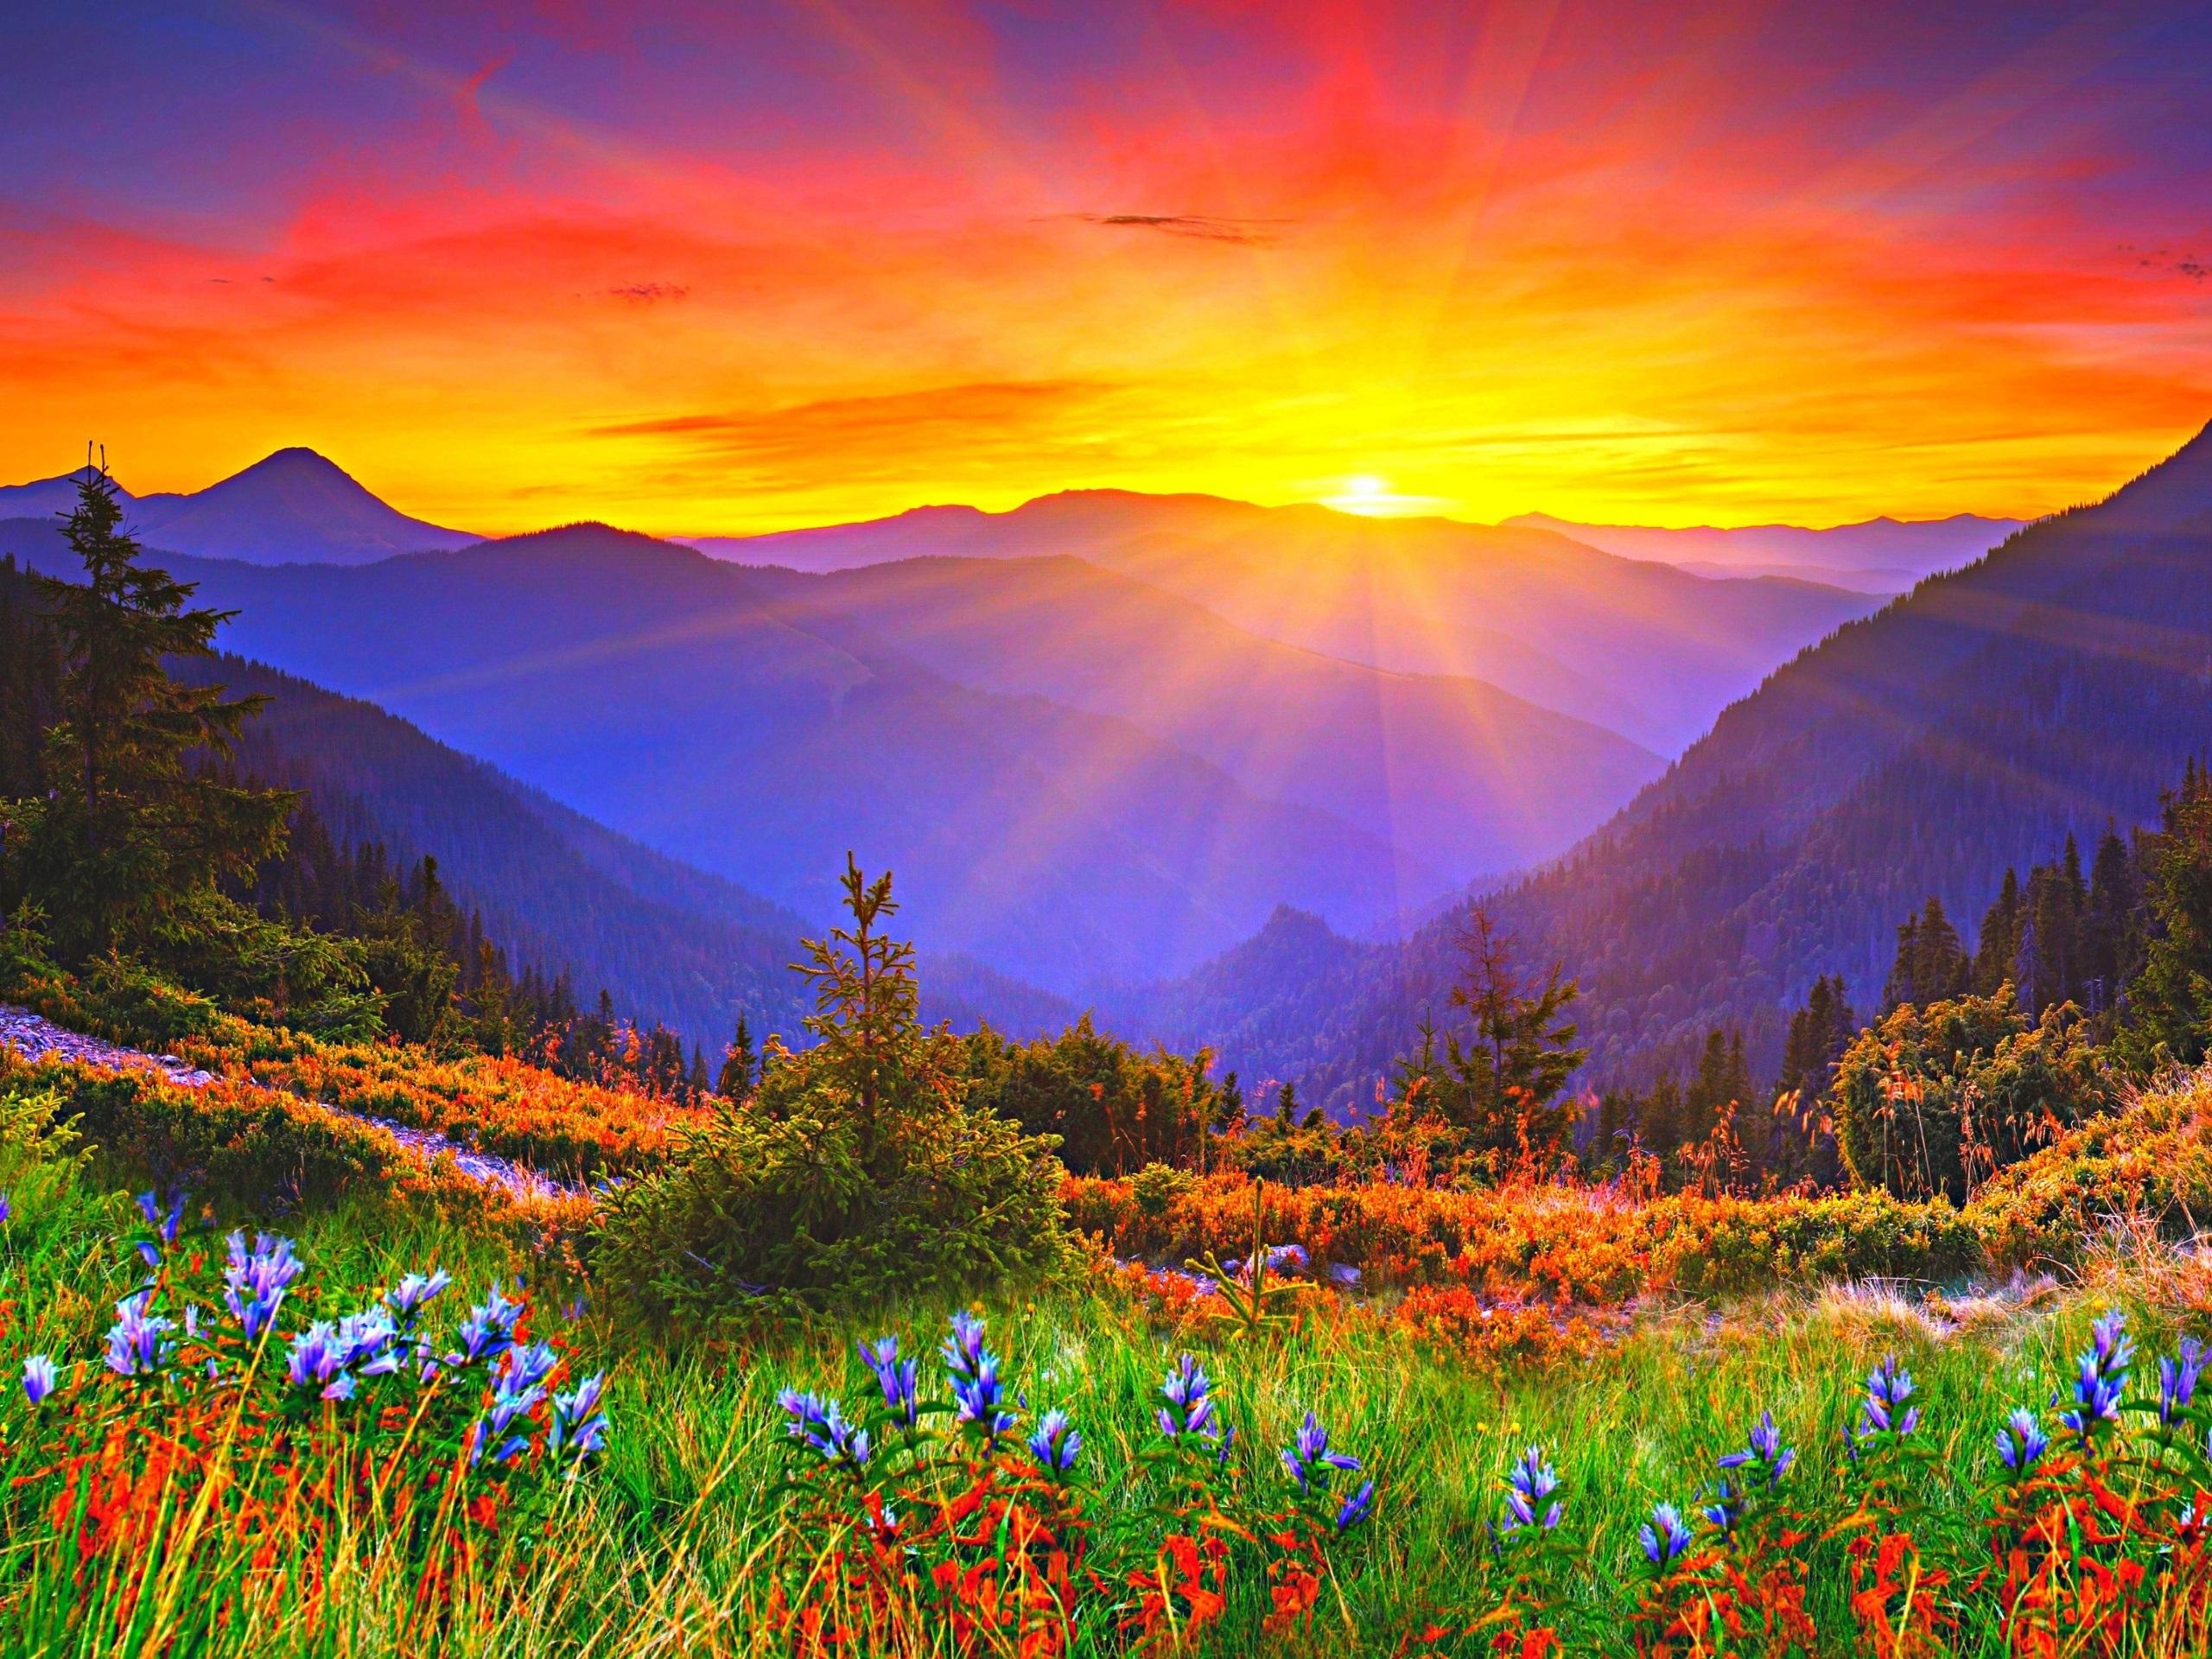 sunrise mountains flowers - photo #1